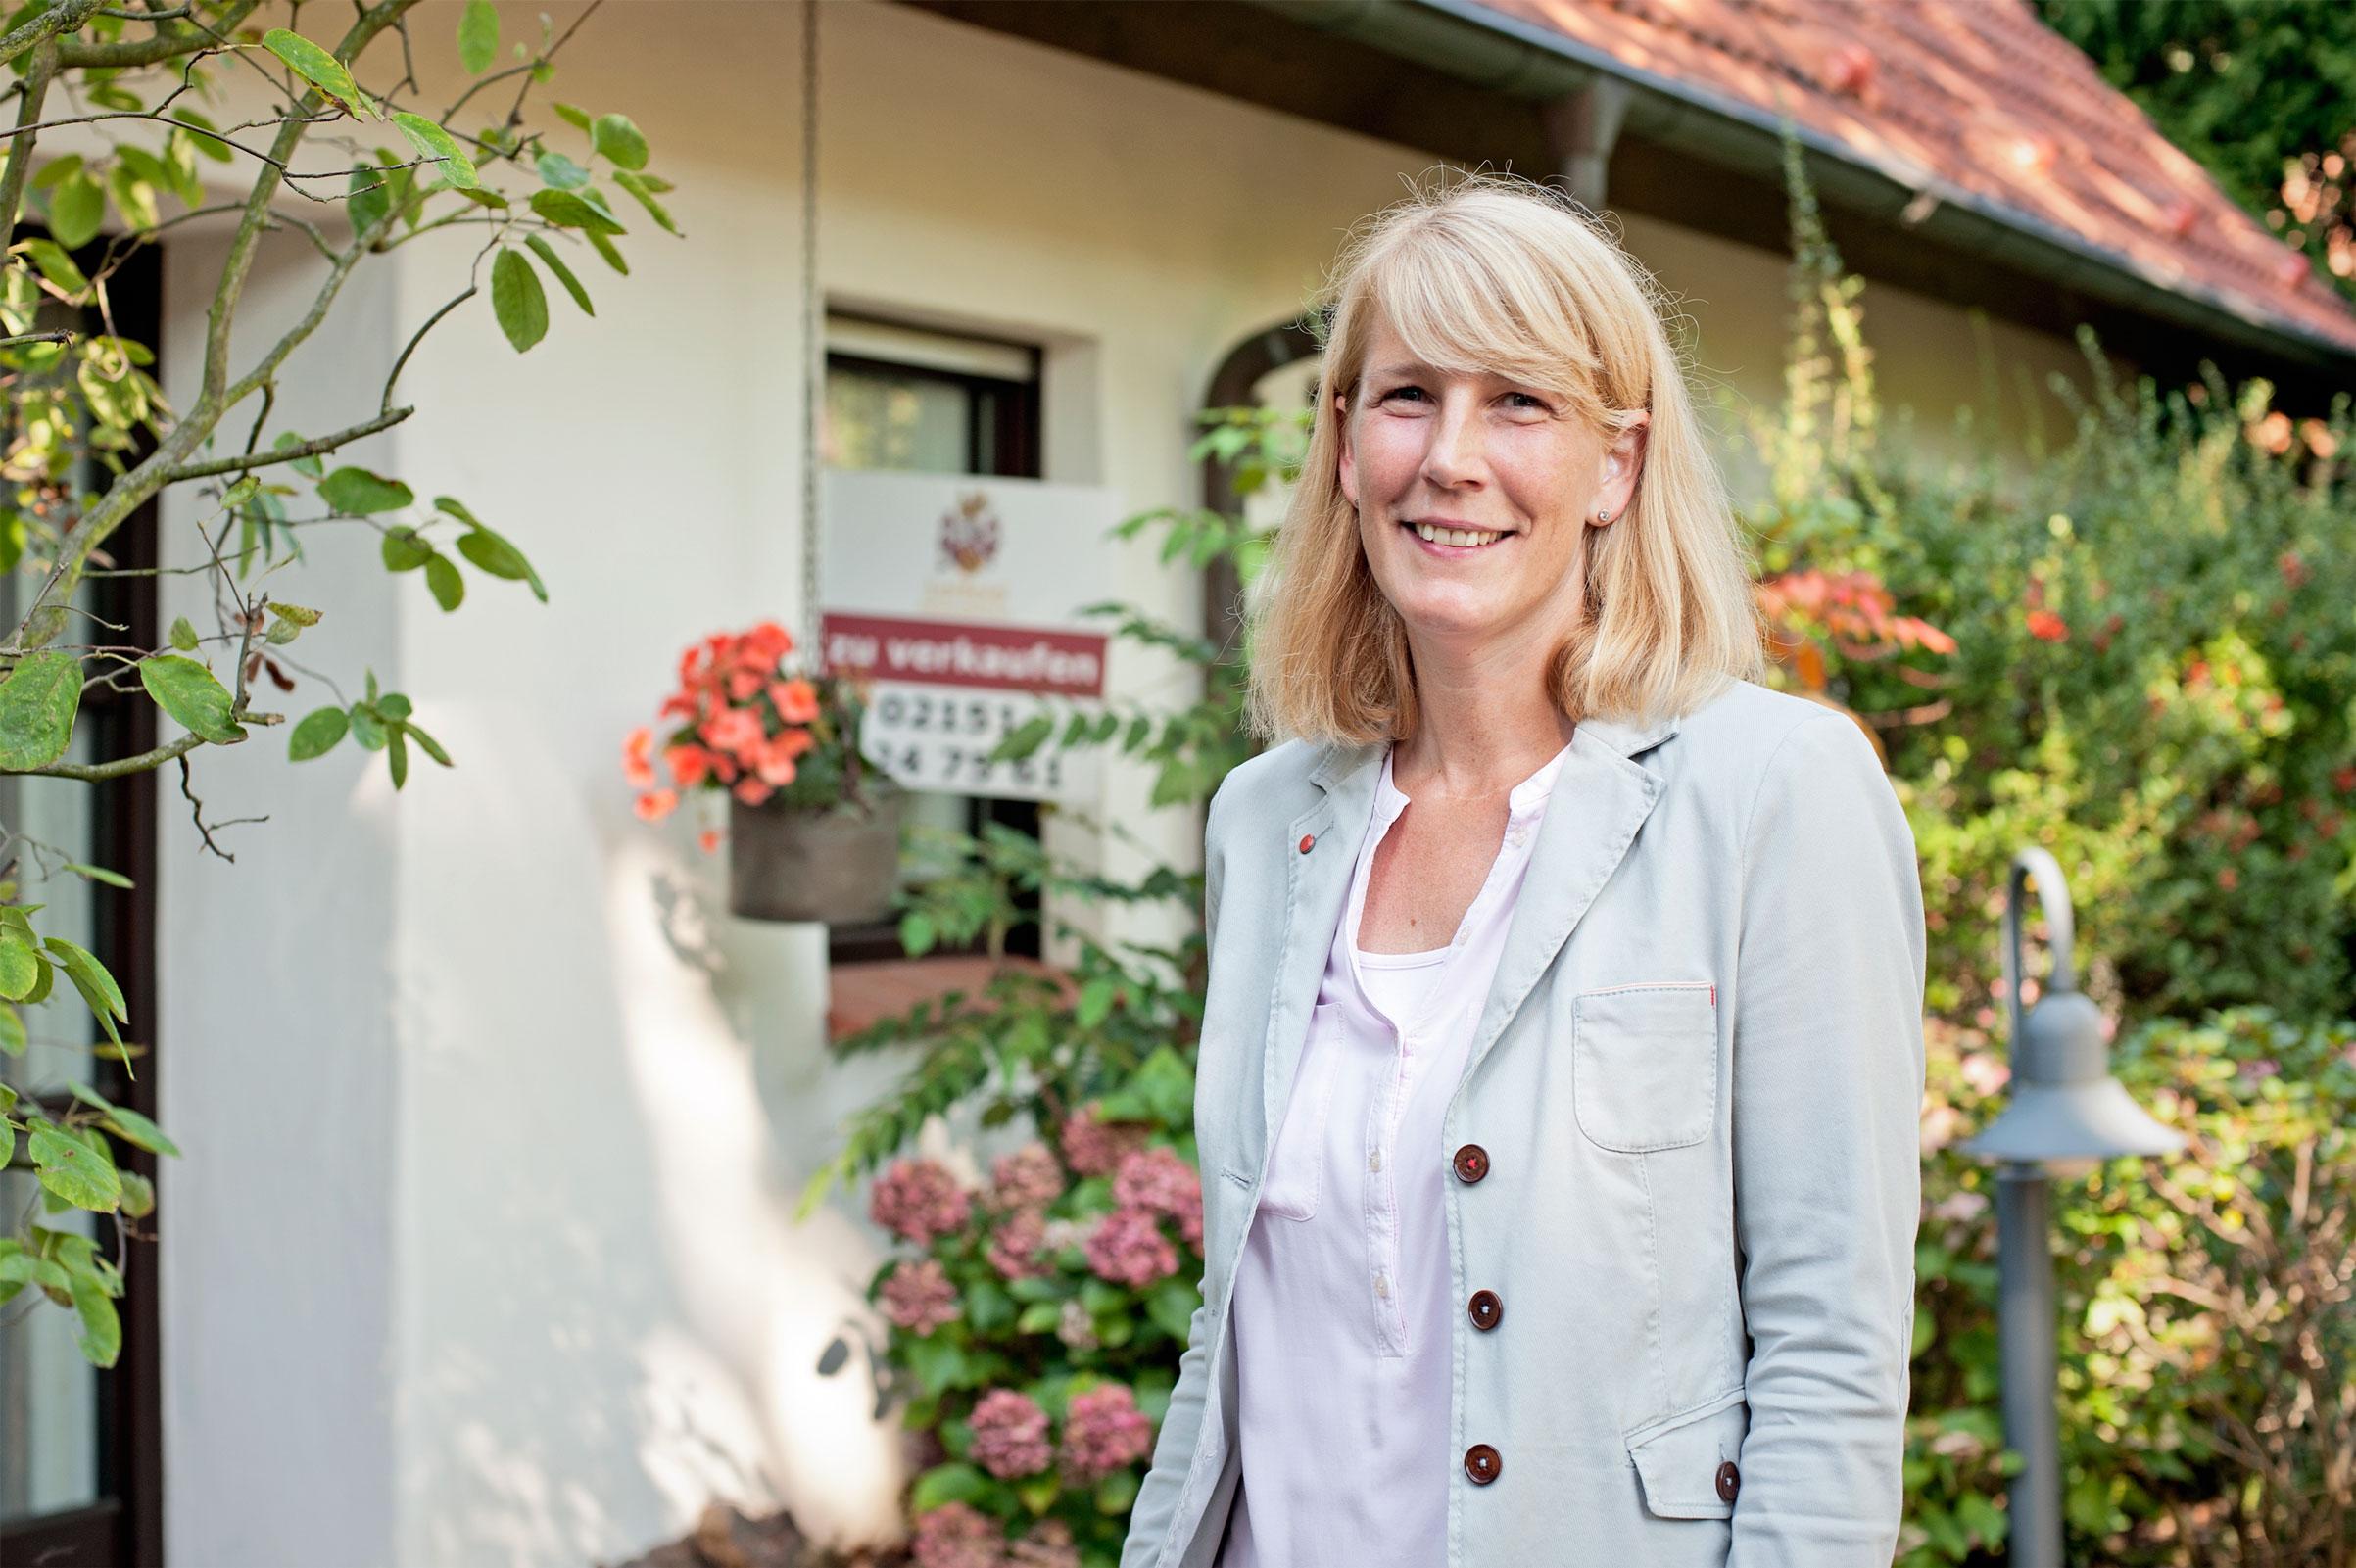 """""""Zum Glück wissen viele Menschen persönliche Beratung zu schätzen!"""" - Immobilienmaklerin Barbara Leifeld"""